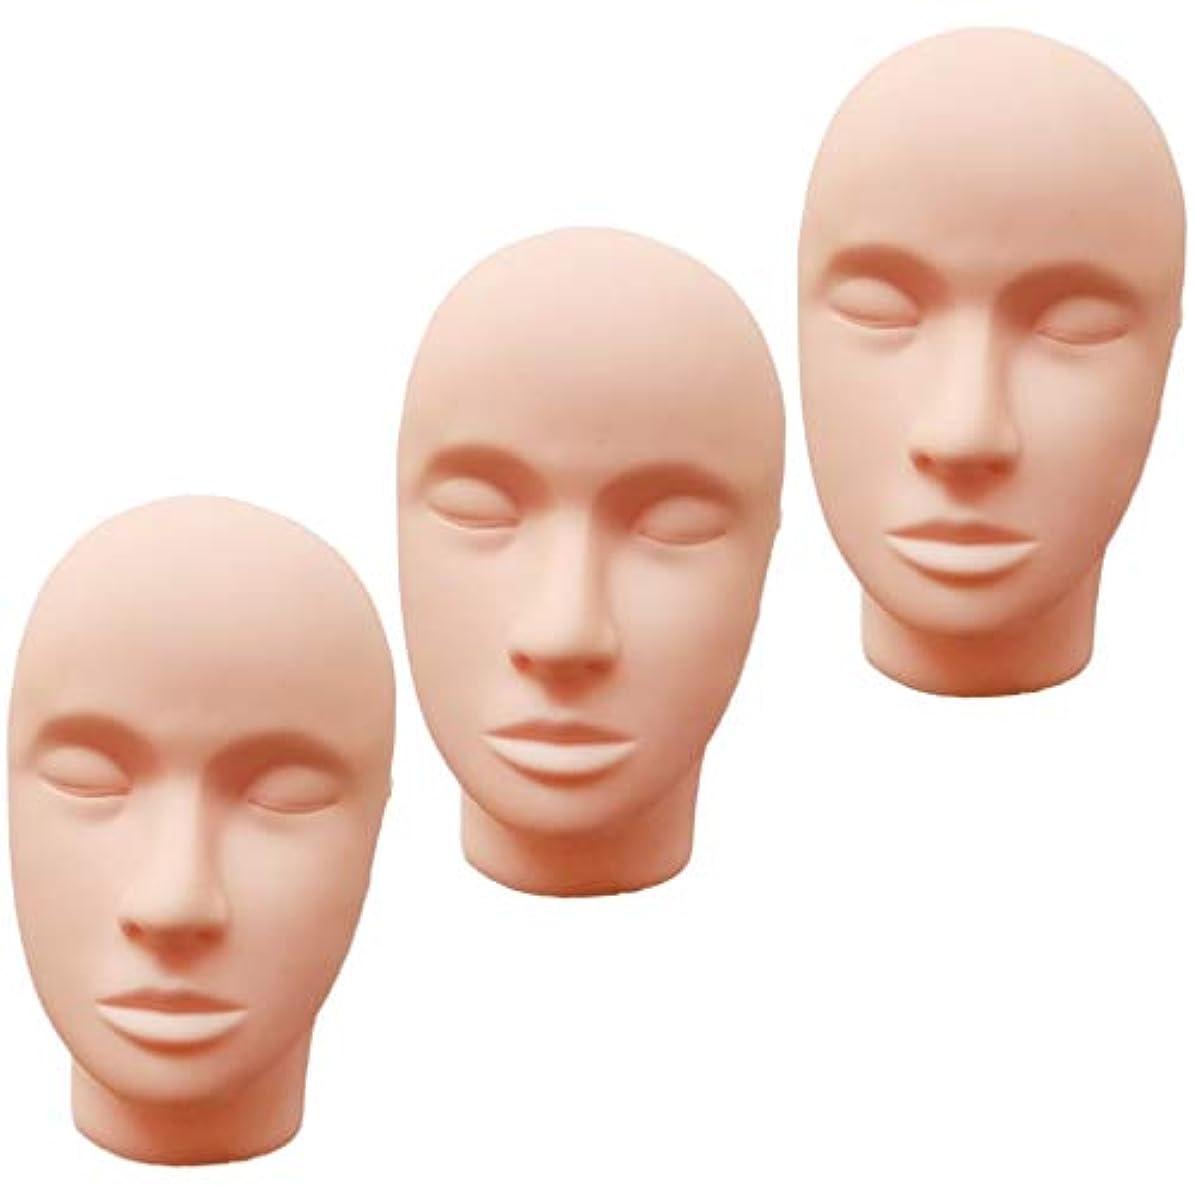 学者平等ジーンズT TOOYFUL ヘッドマネキン メイク練習用 モデル 化粧 フェイス メイクアップ まつげエクステ 繰り返し利用